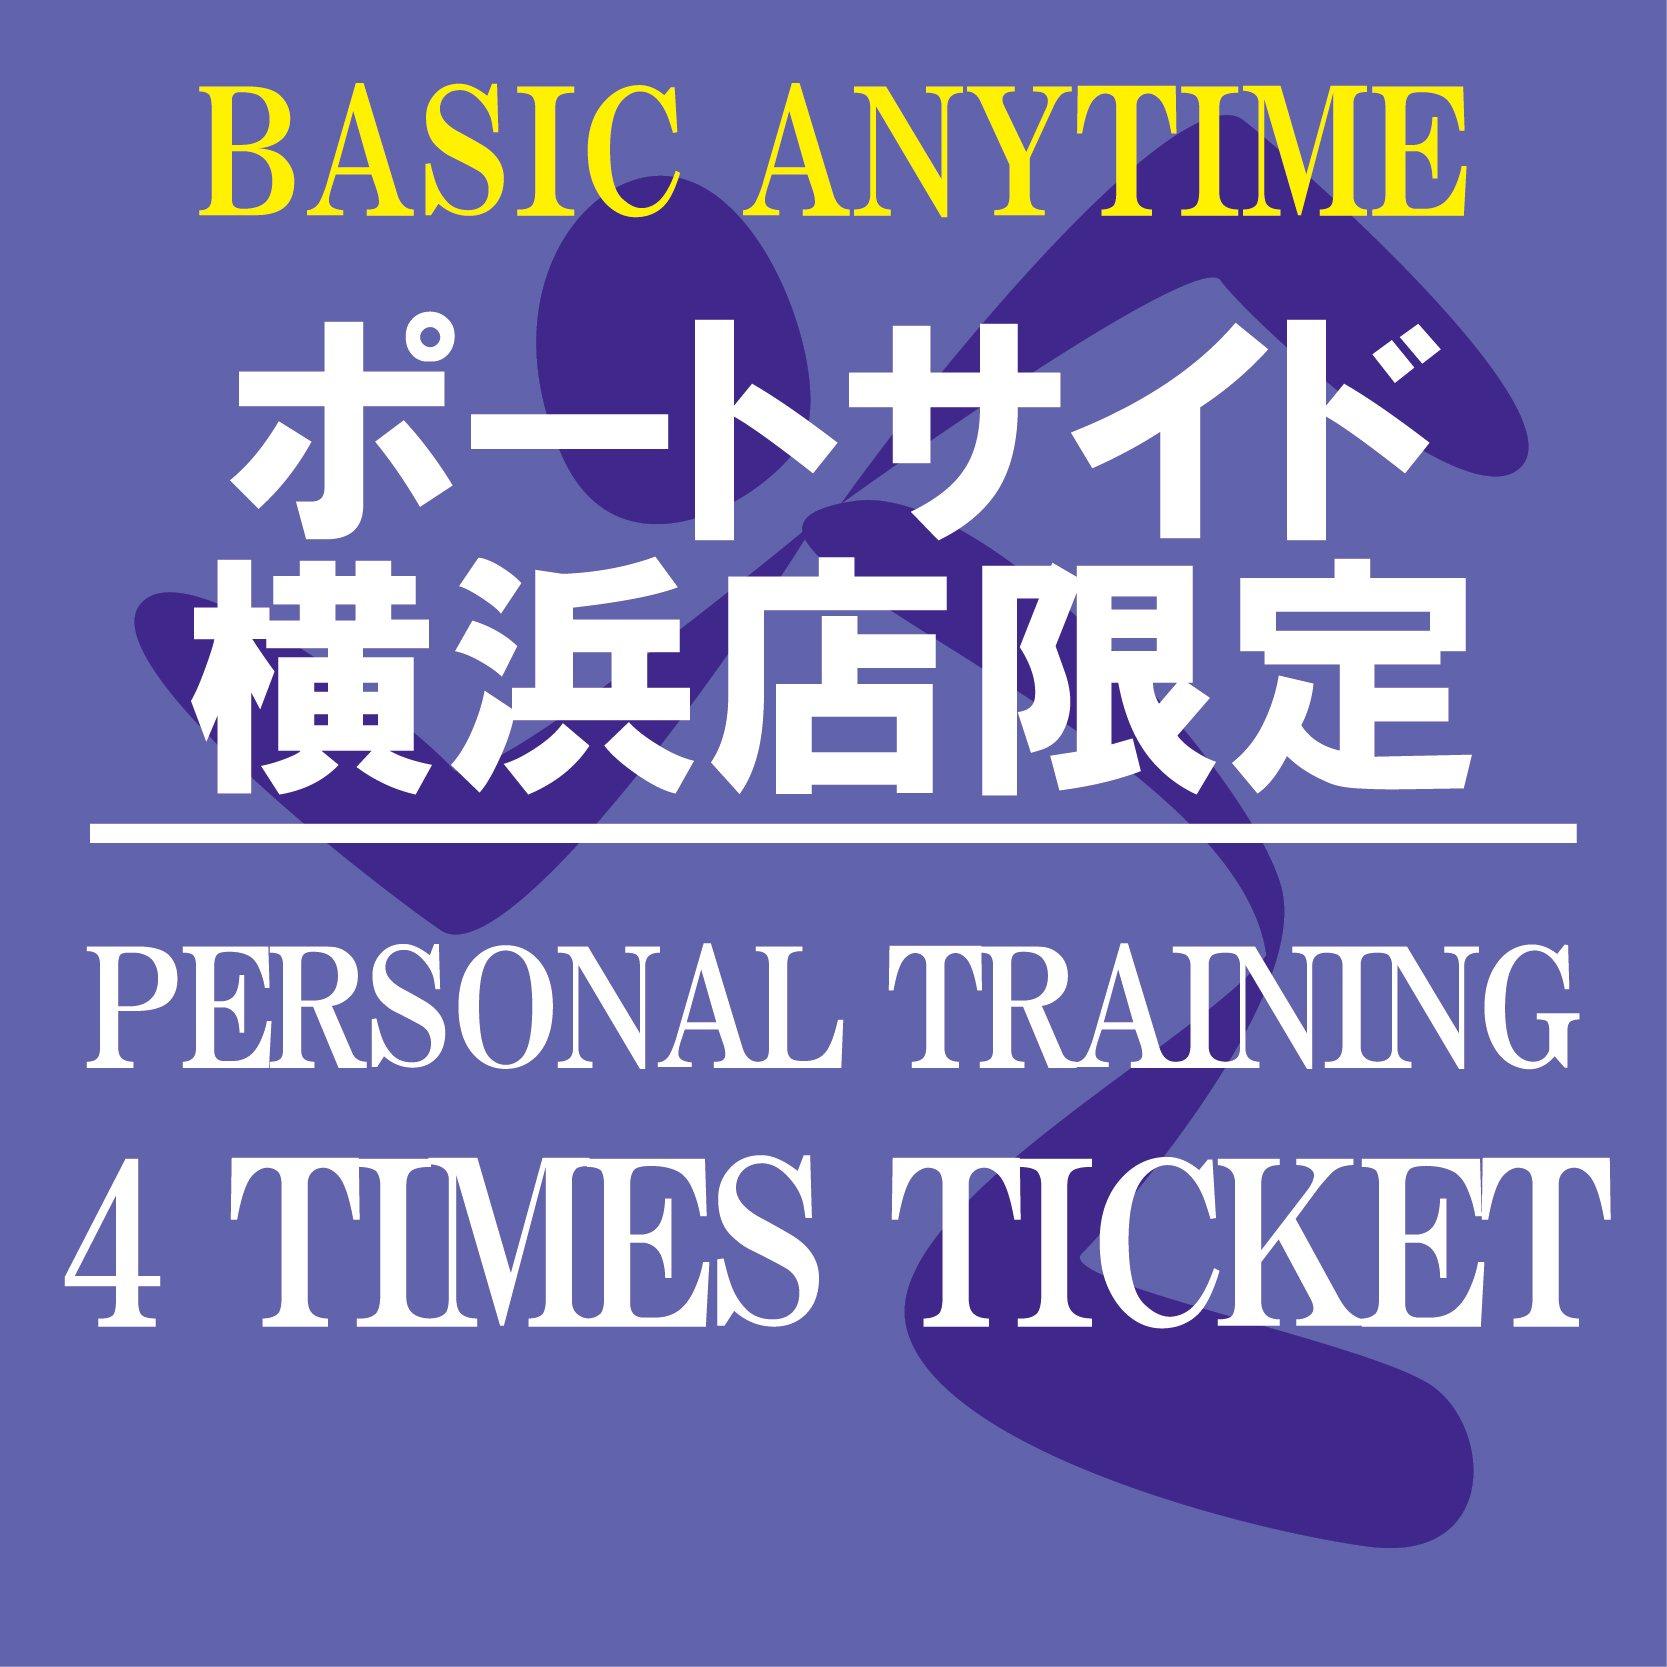 パーソナルトレーニング60分4回チケット〜ANYTIME BASIC〜[エニタイムフィットネスポートサード横浜店限定]のイメージその1